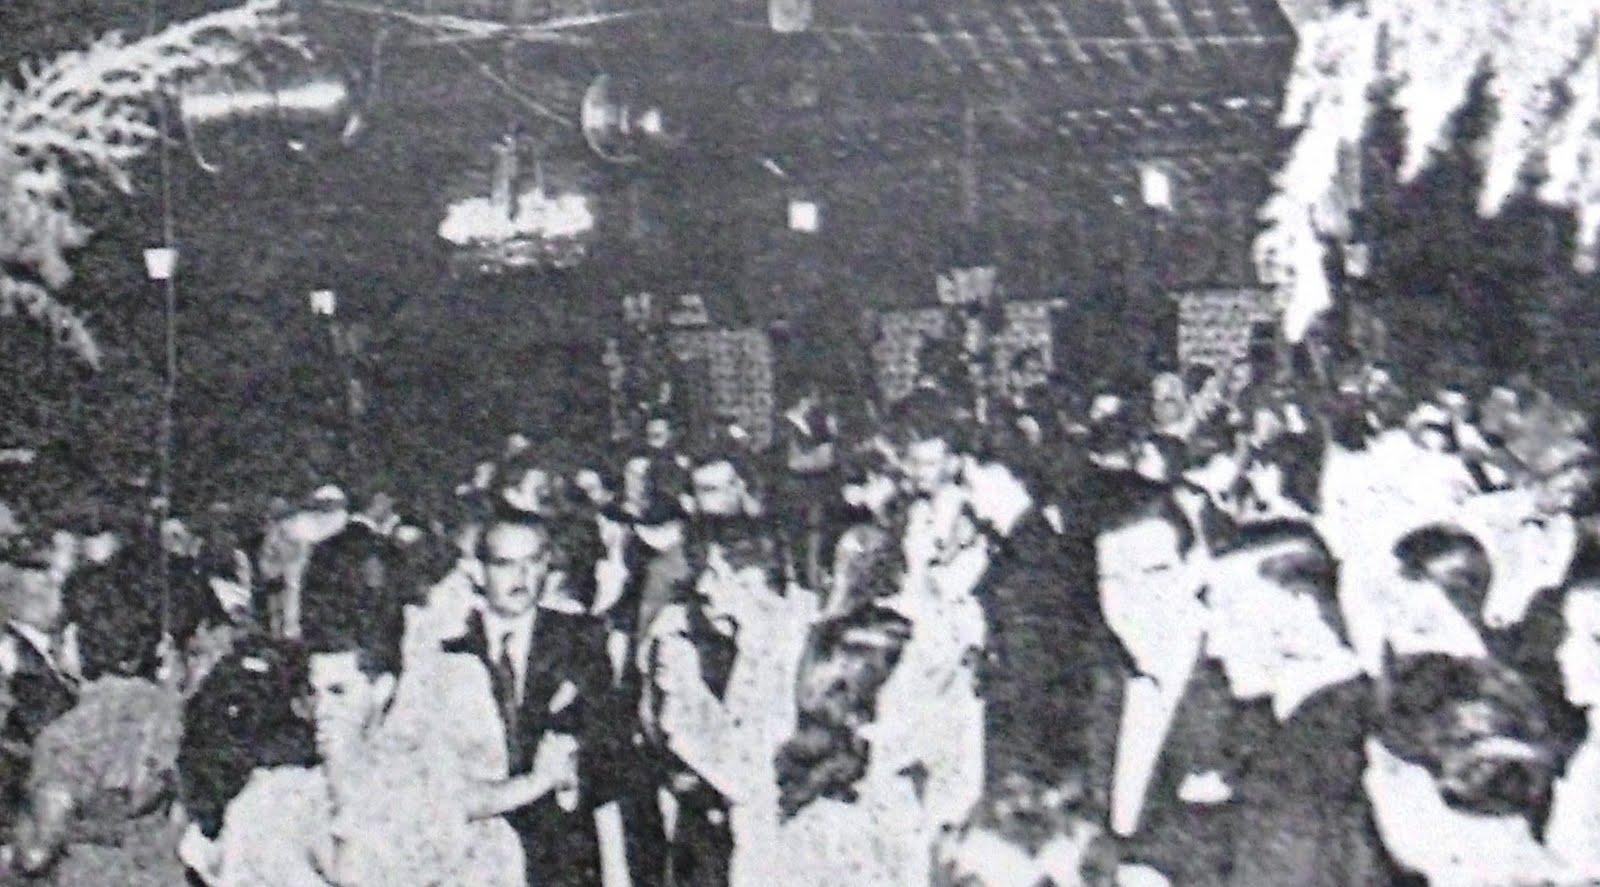 Baile de inauguração do Aeroporto de Maringá - 18/09/1949